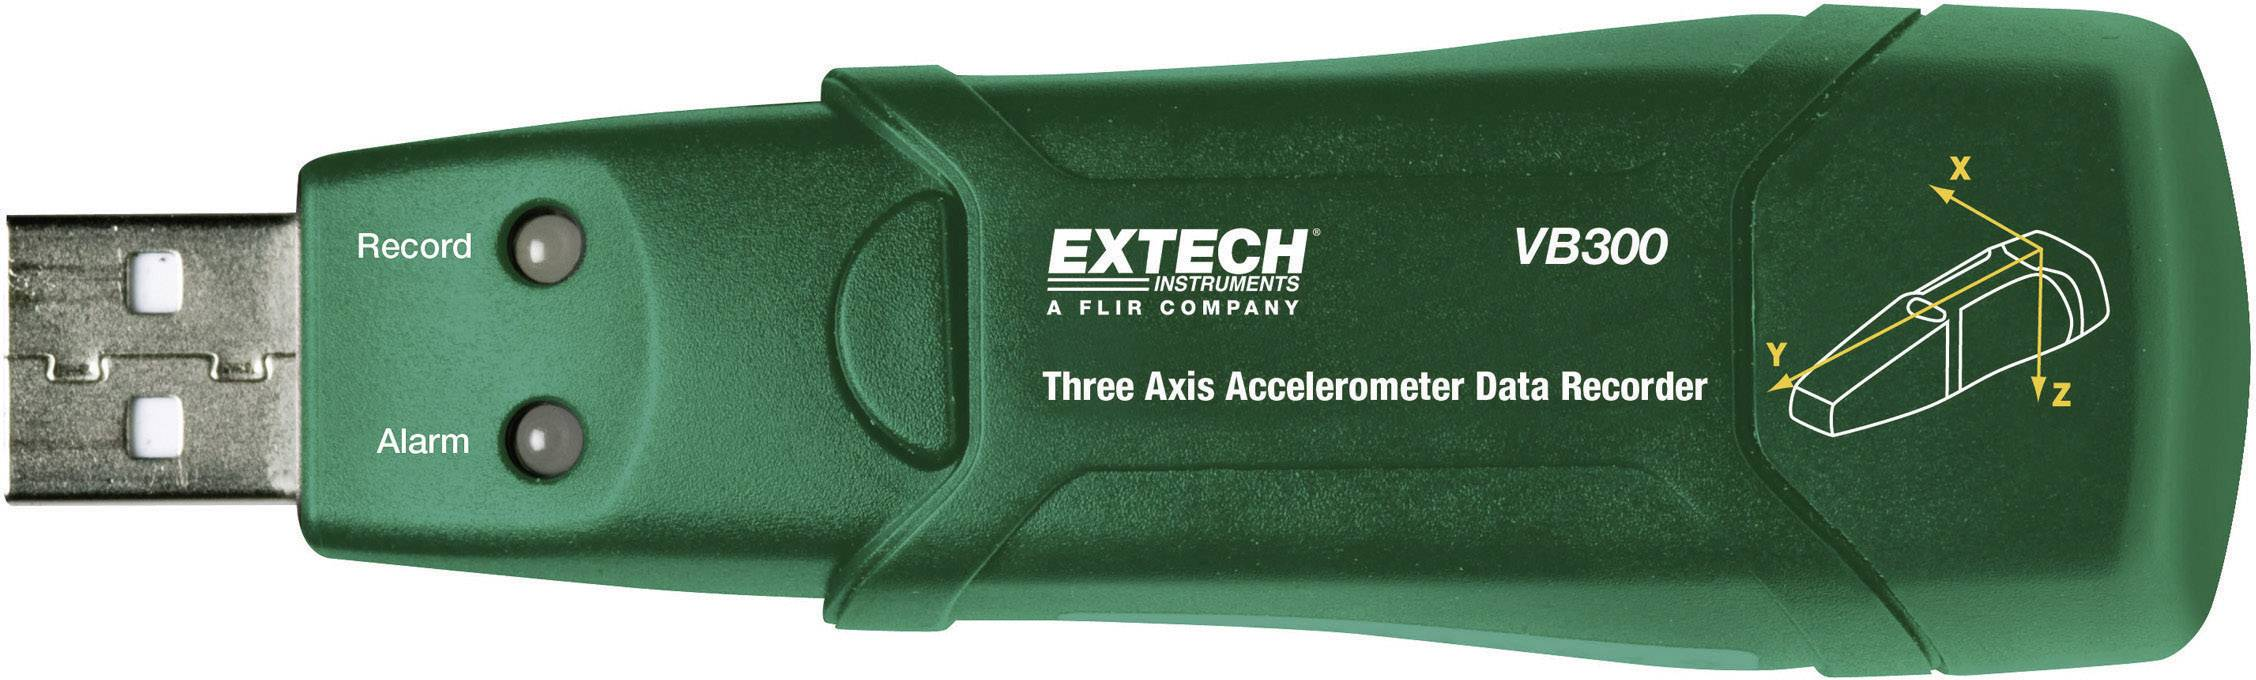 Akcelerometr s dataloggerem pro 3 osy Extech VB300